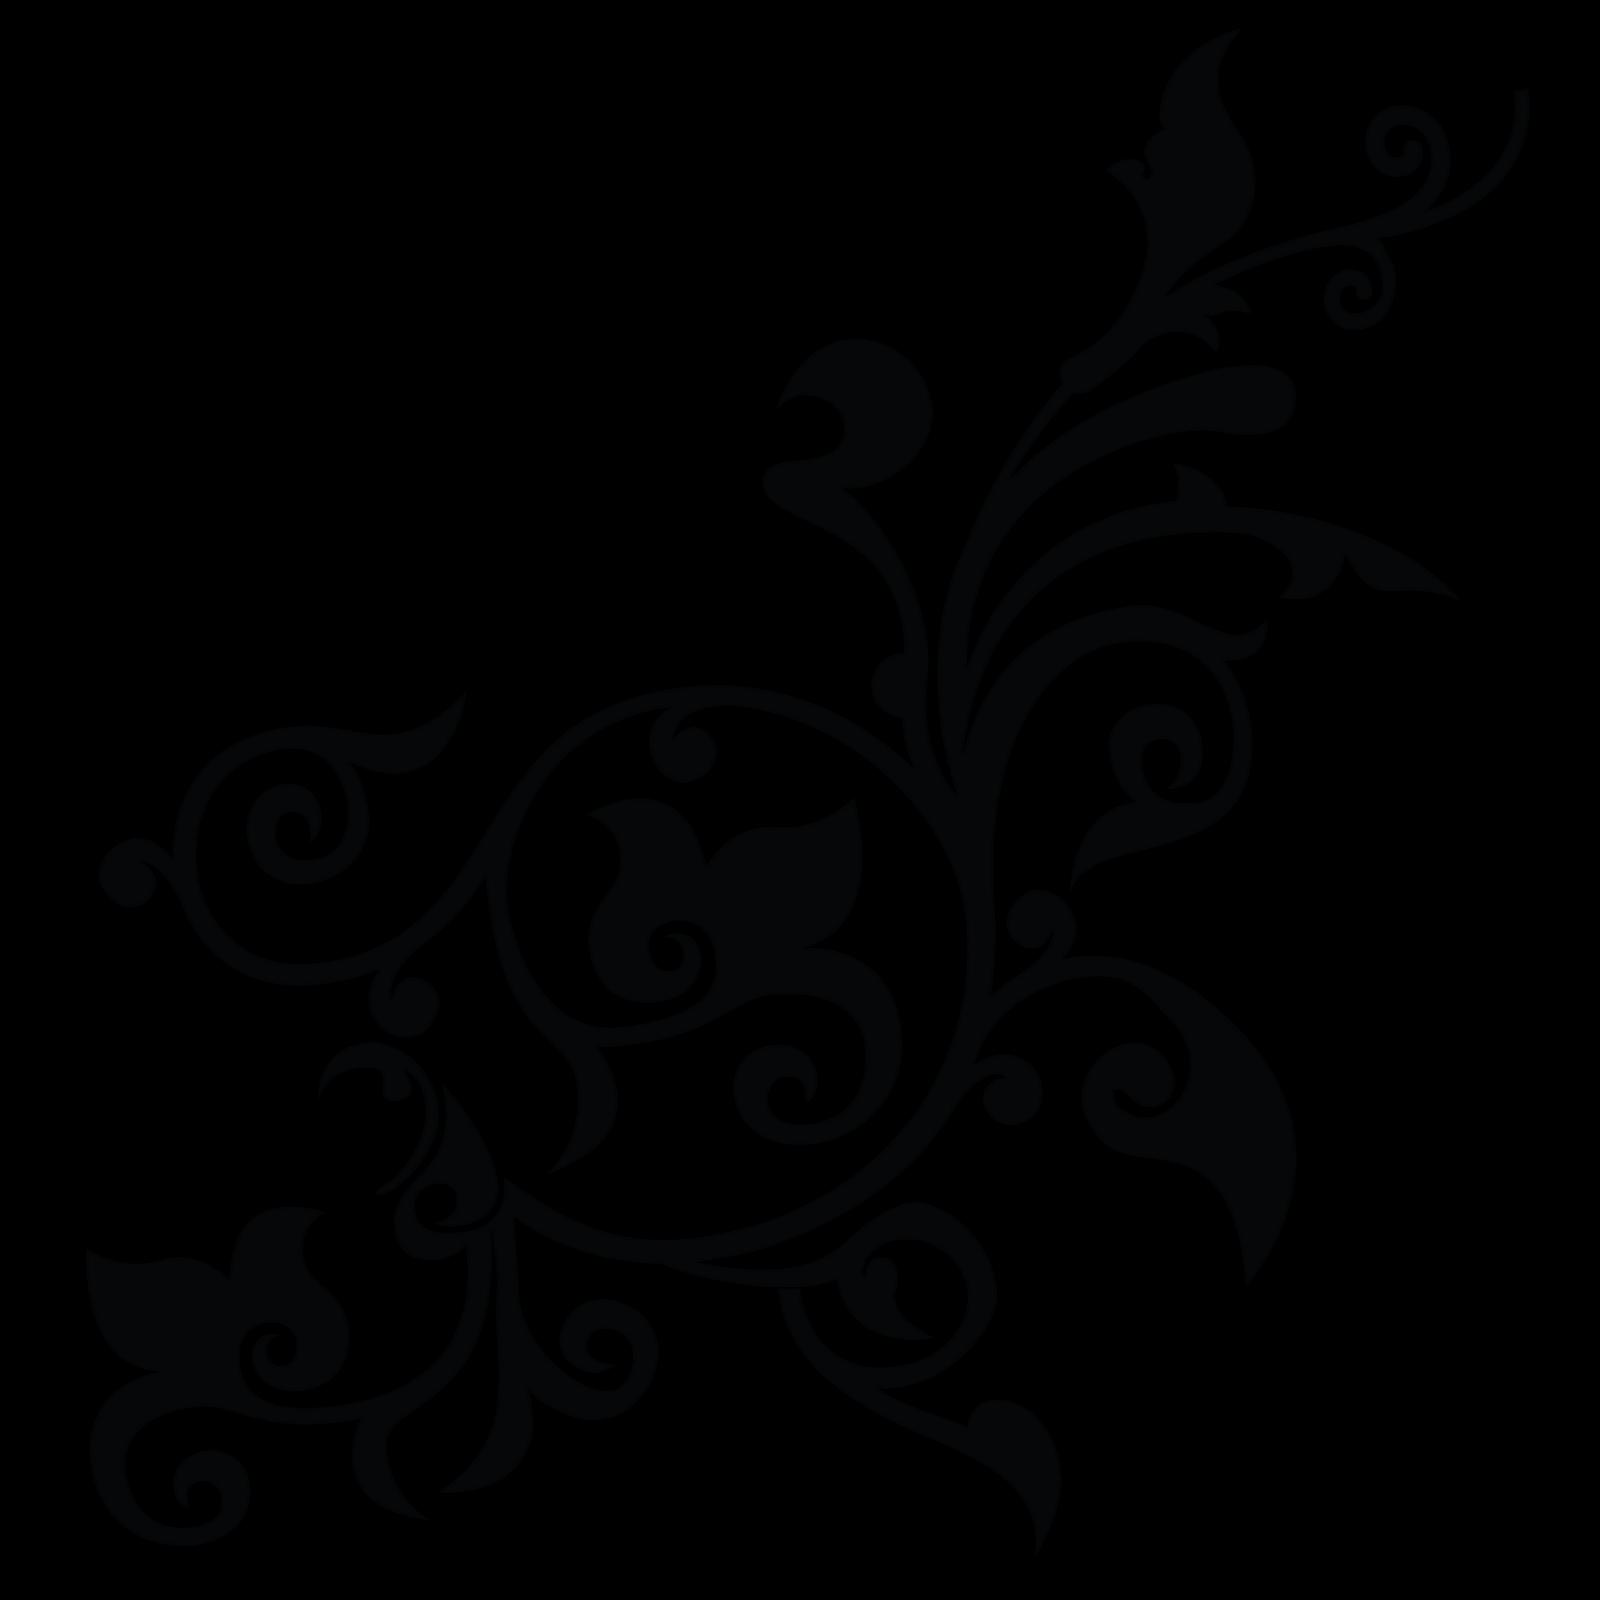 Black Floral Border Download Transparent PNG Image.